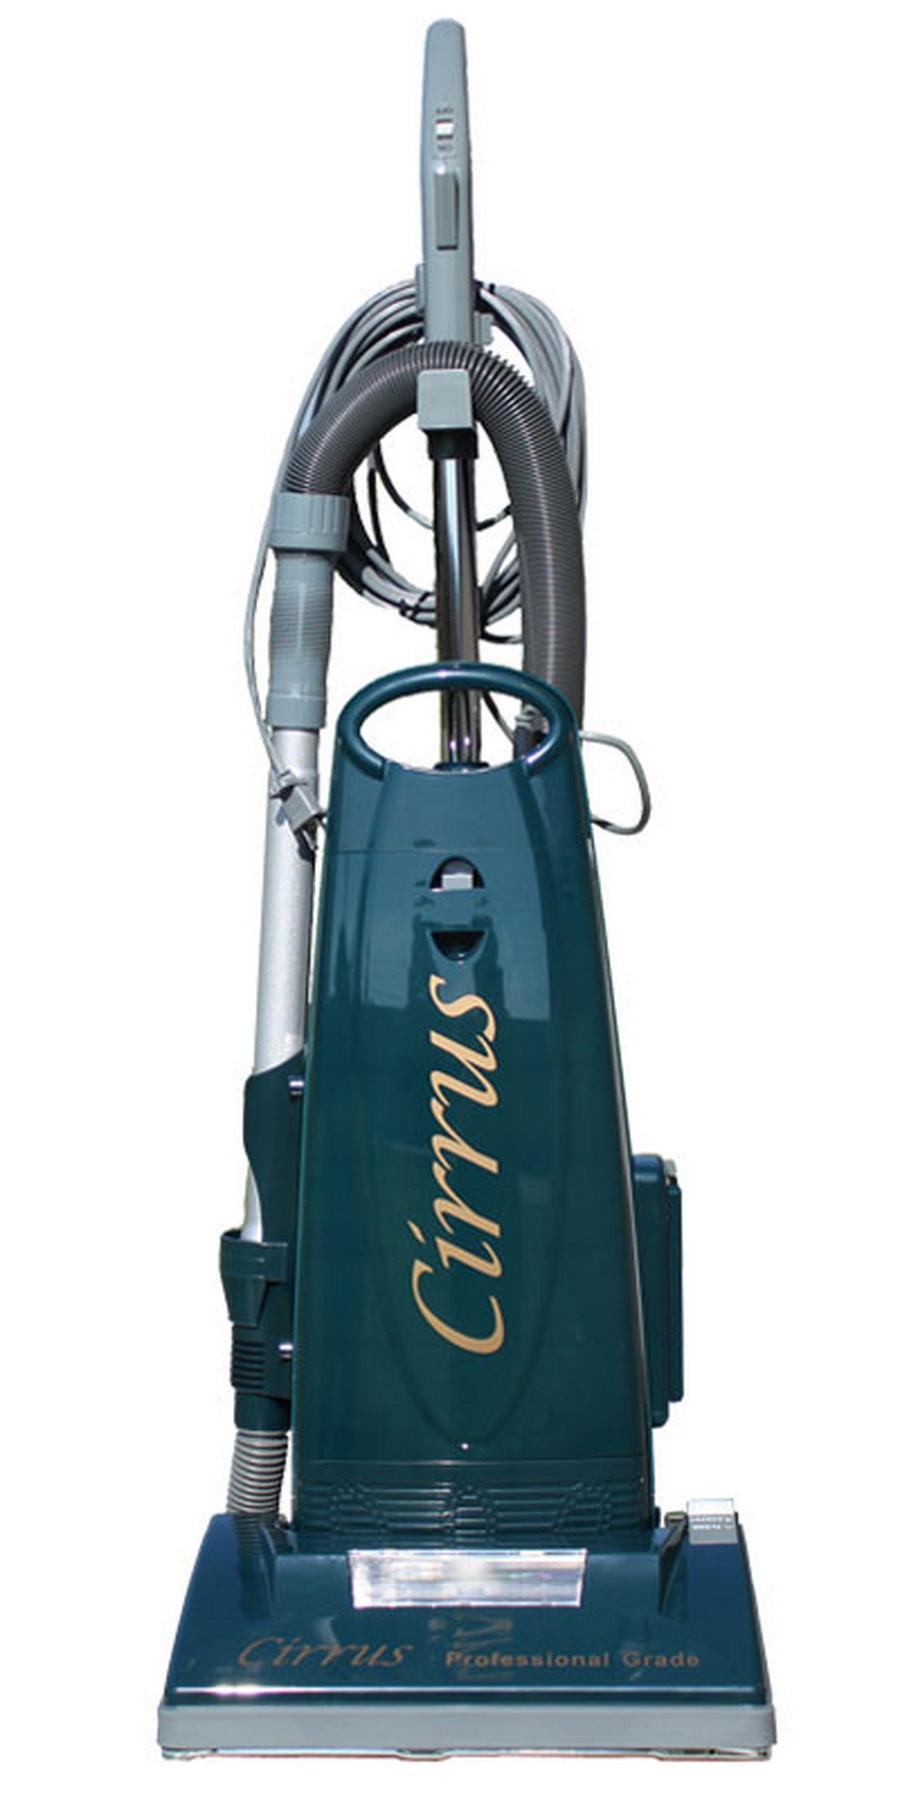 Cirrus C-CR79 Upright Vacuum Cleaner